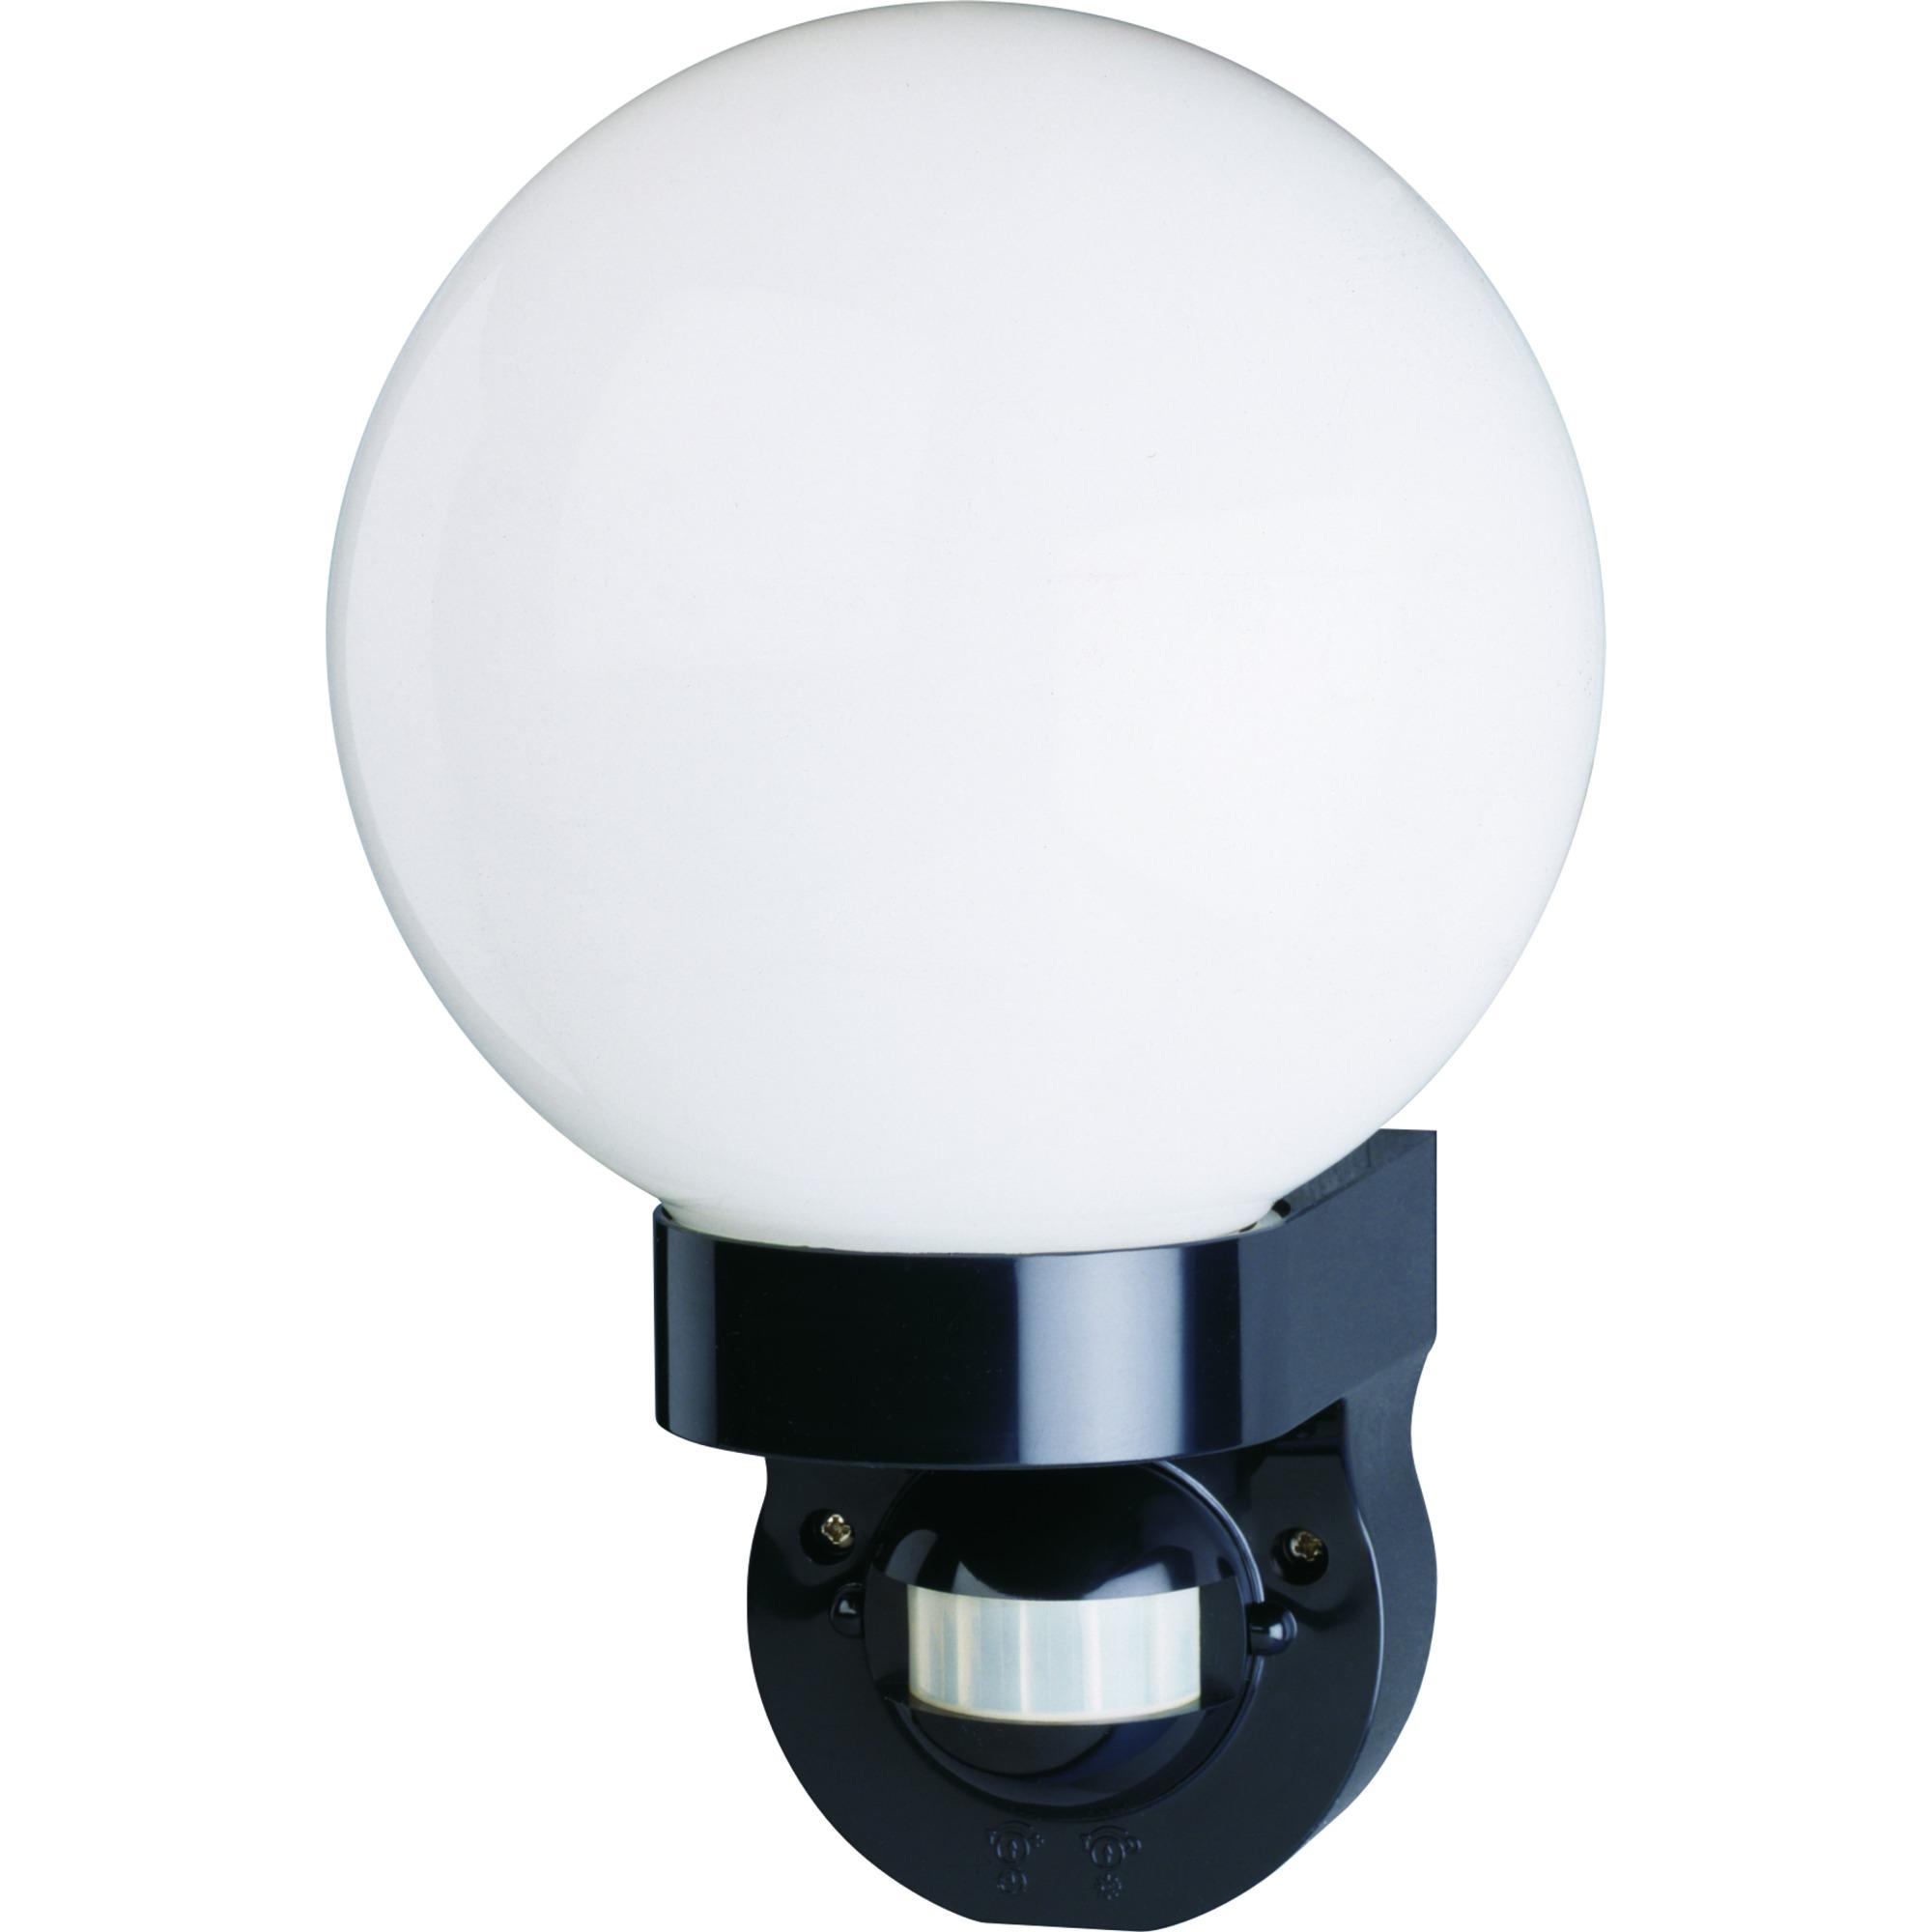 Karwei buitenlamp fred met bewegingssensor wandlampen for Eclairage exterieur avec detecteur leroy merlin